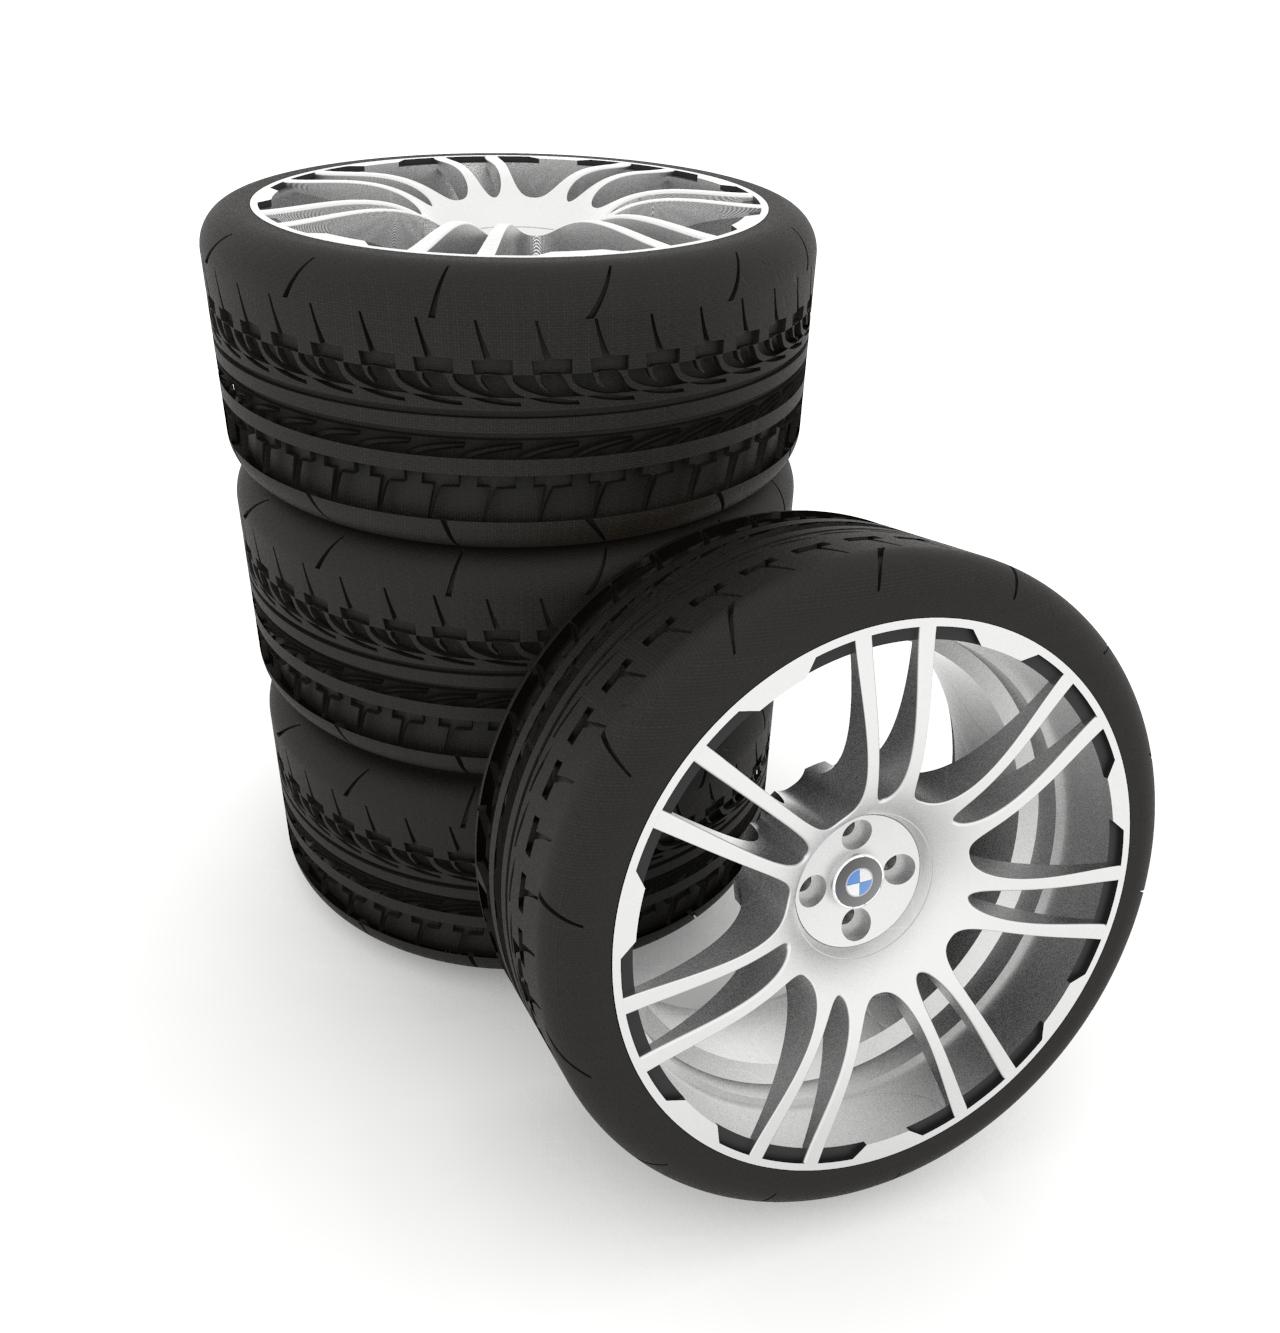 含轮毂造型的宝马汽车轮胎设计模型【solidworks 2019】.rar